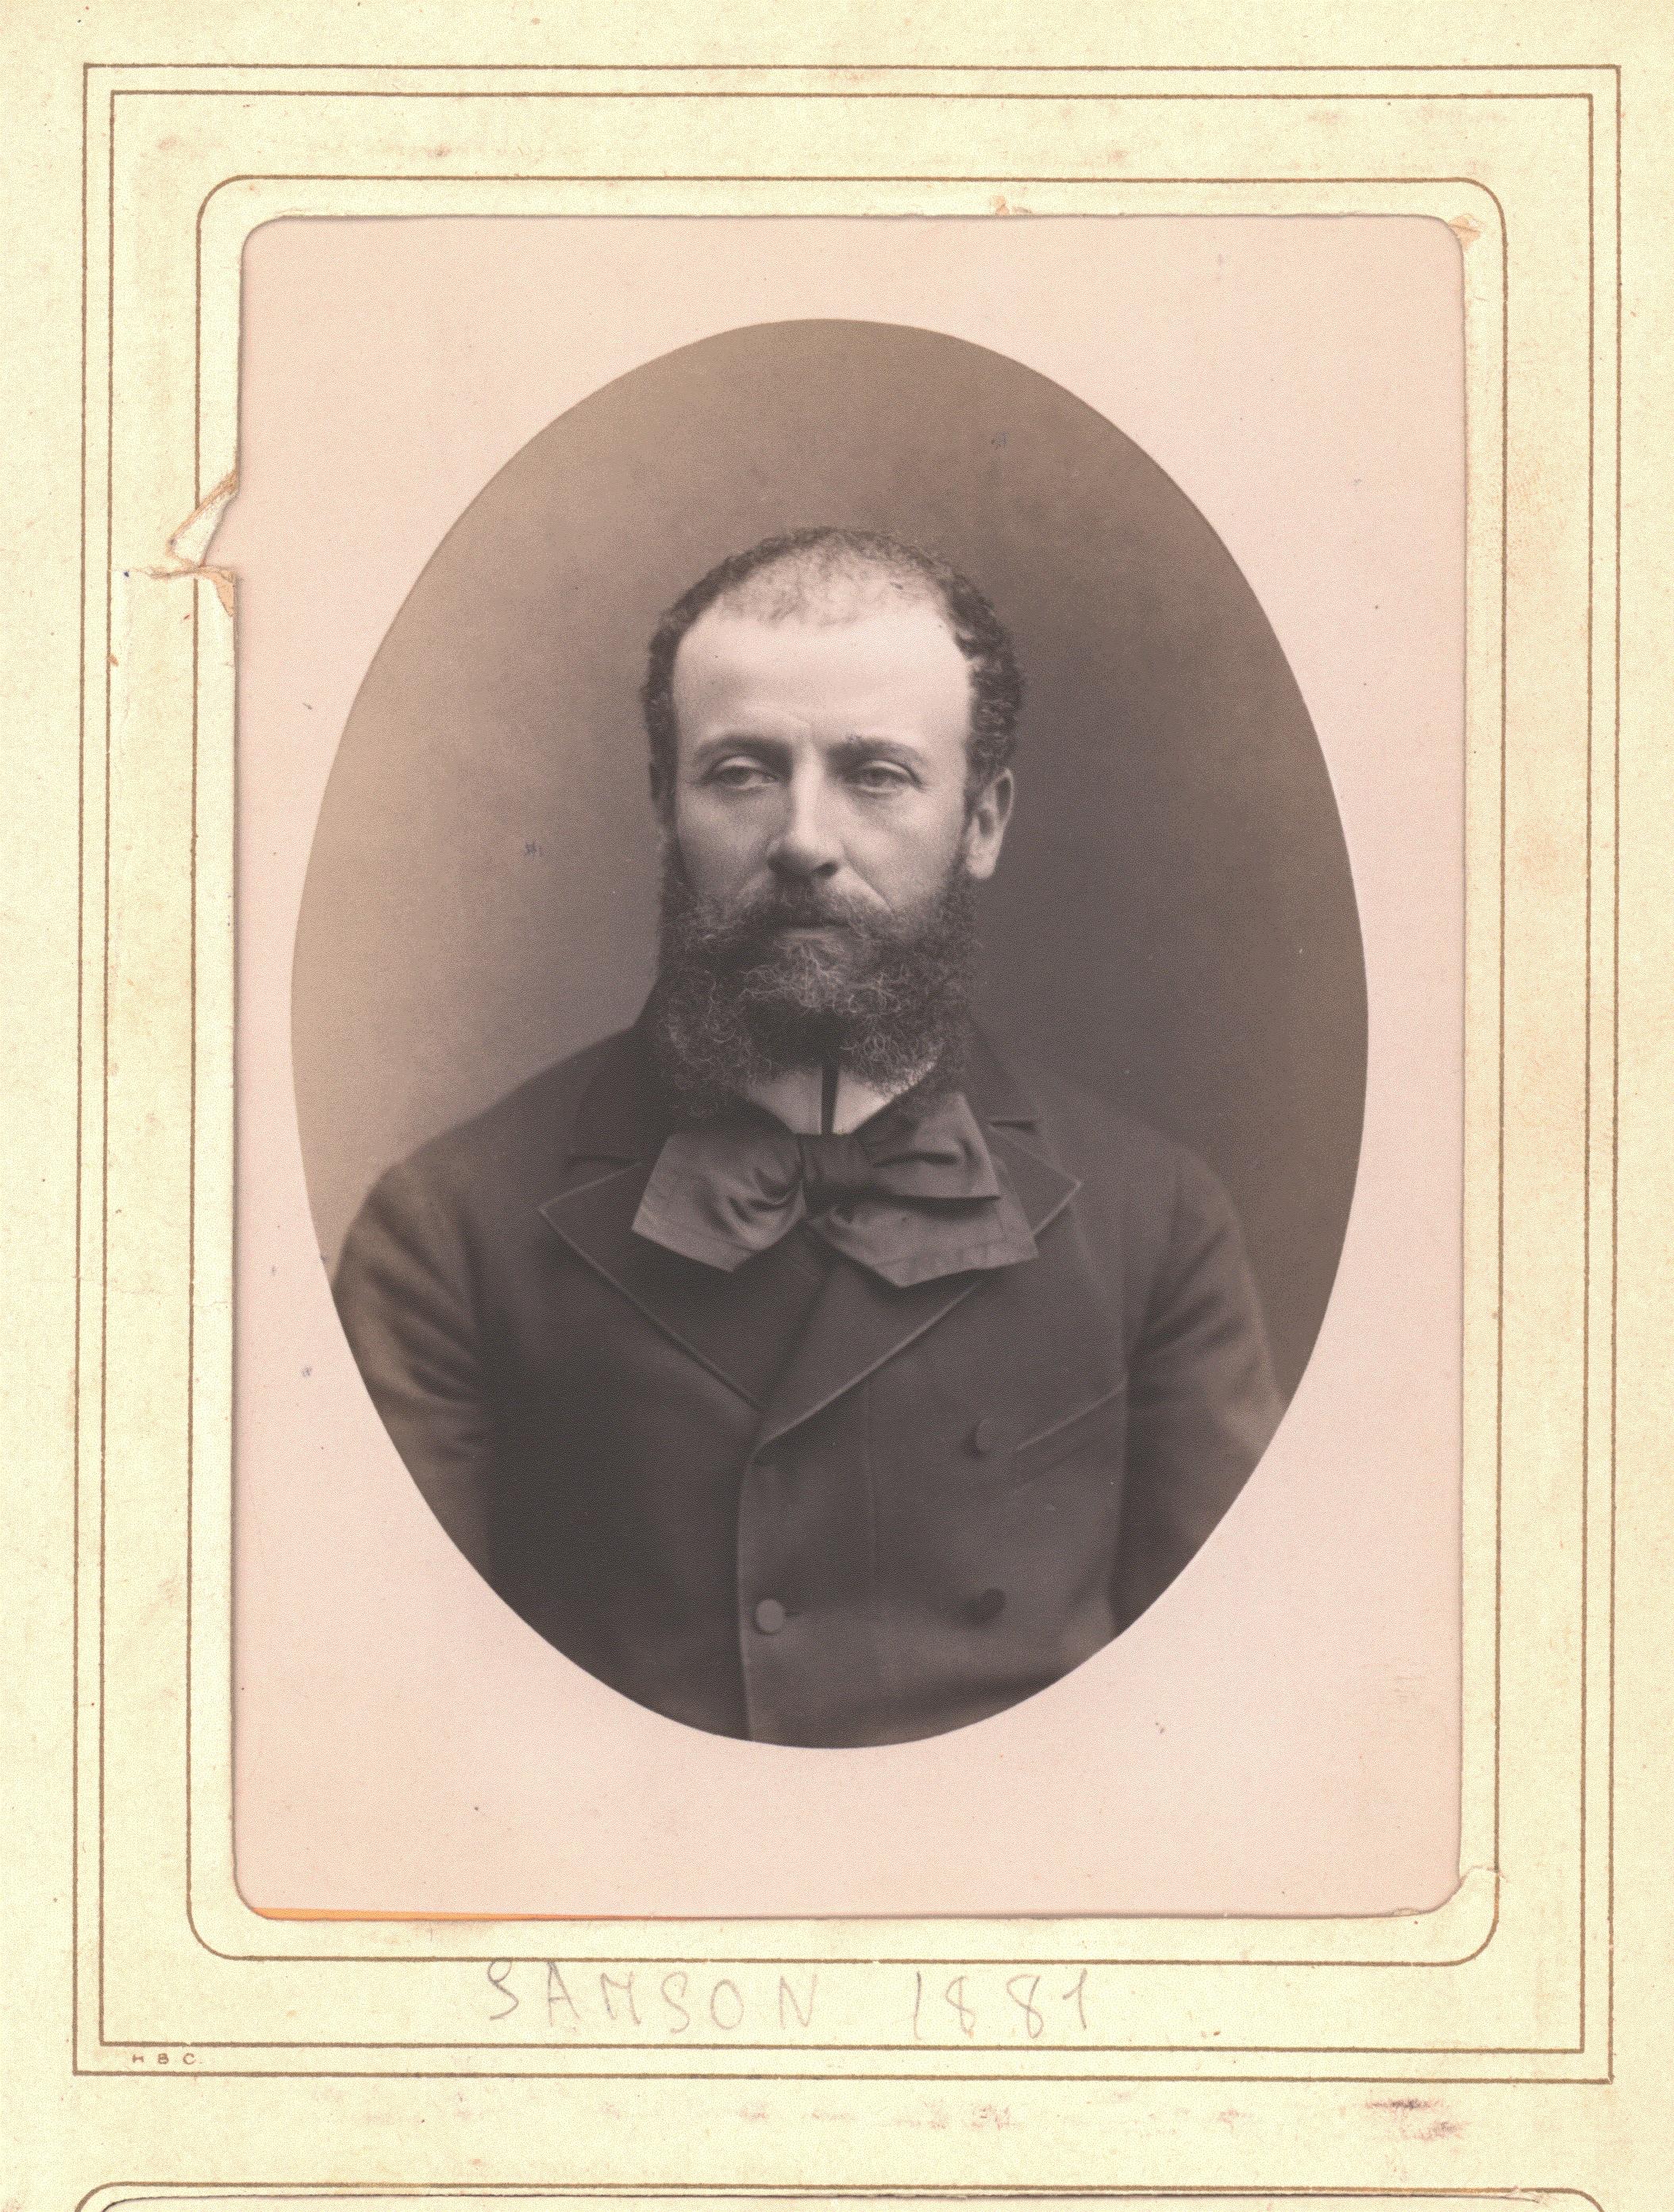 Ernest Sanson, 1881. Photographie extraite du recueil de photographies d'architectes admis à la S. C. entre 1880 et 1884.© Collections Académie d'architecture, Paris.